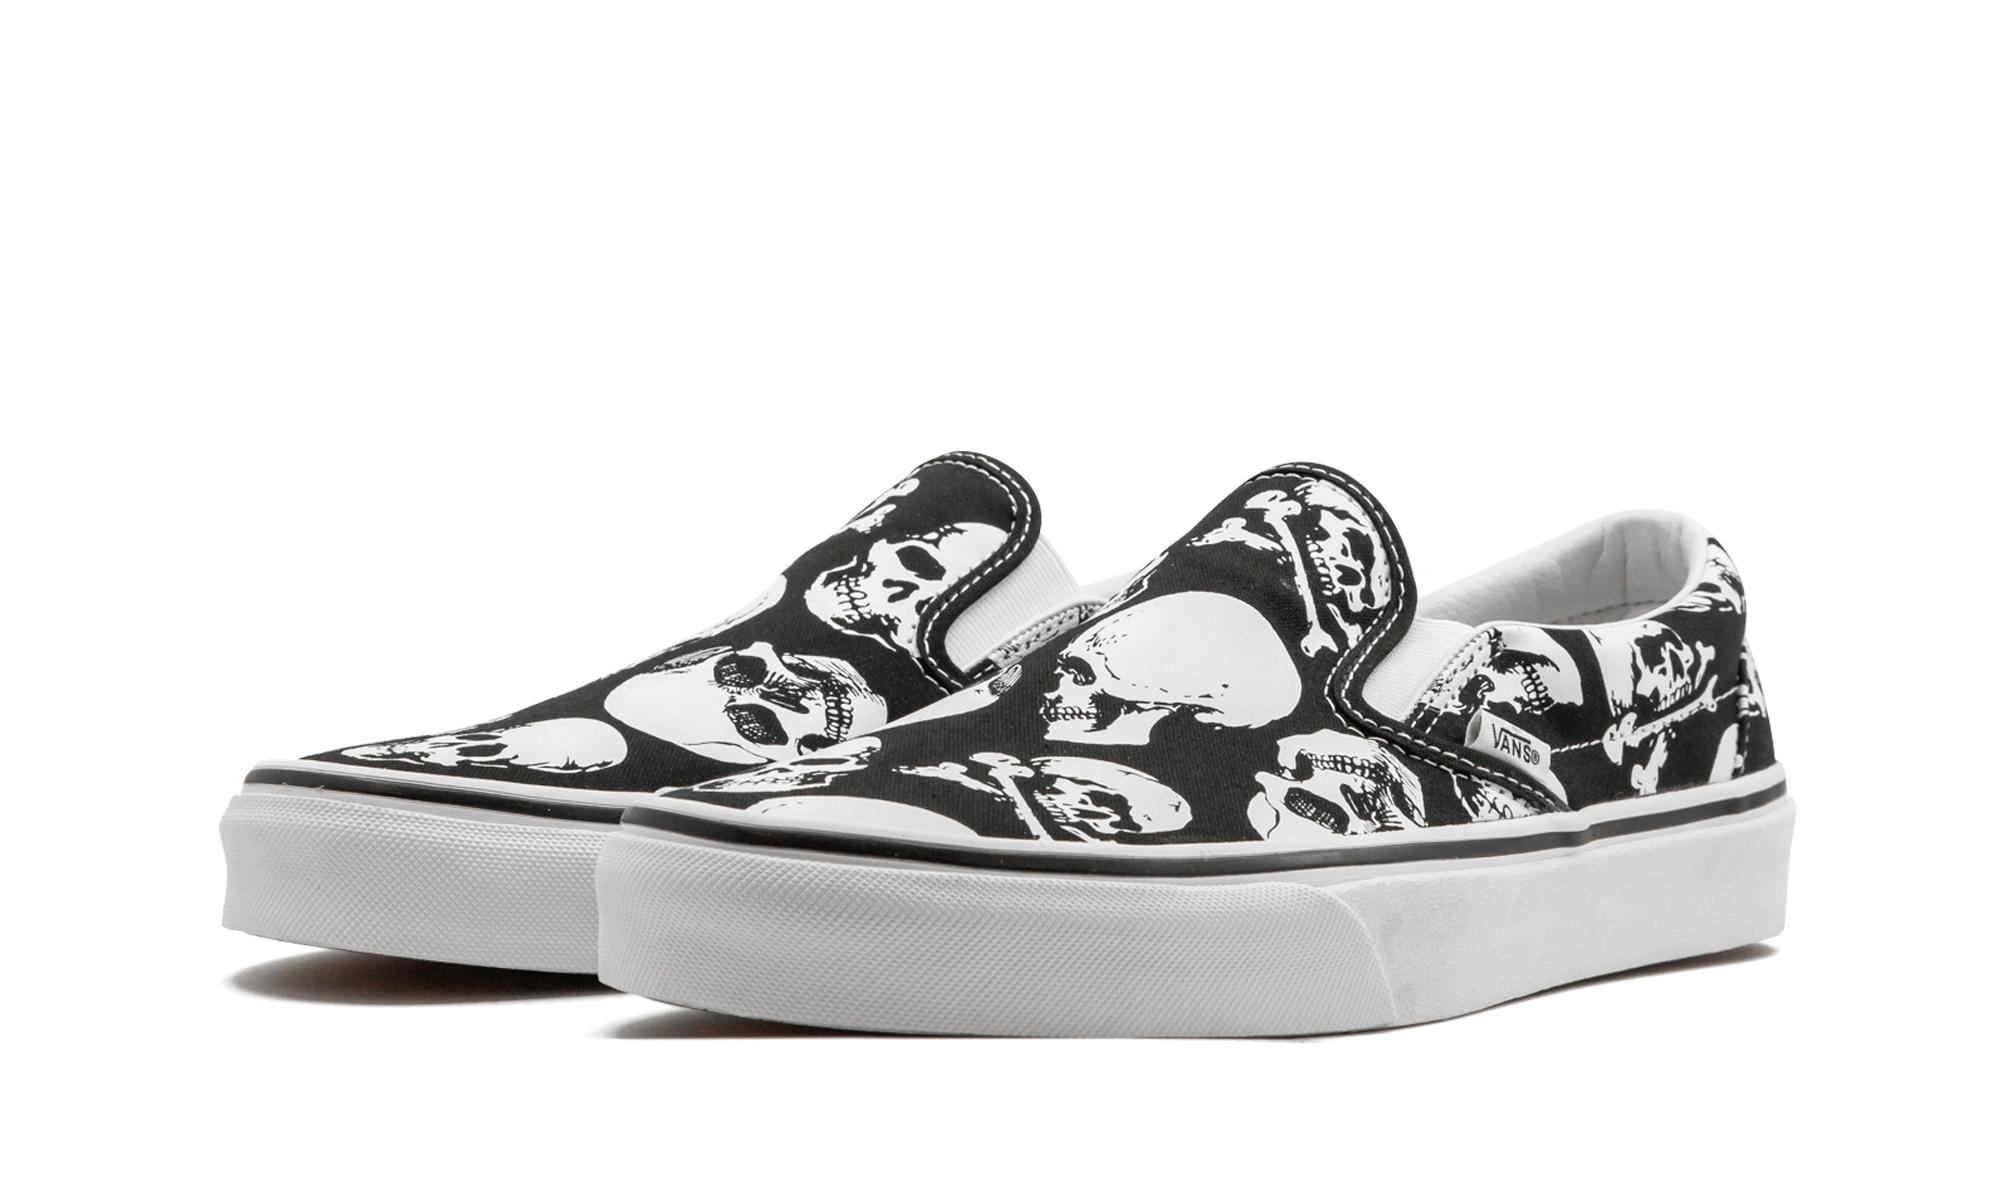 Lyst - Vans Classic Slip-on (skulls) in Black for Men bdfb7ad71